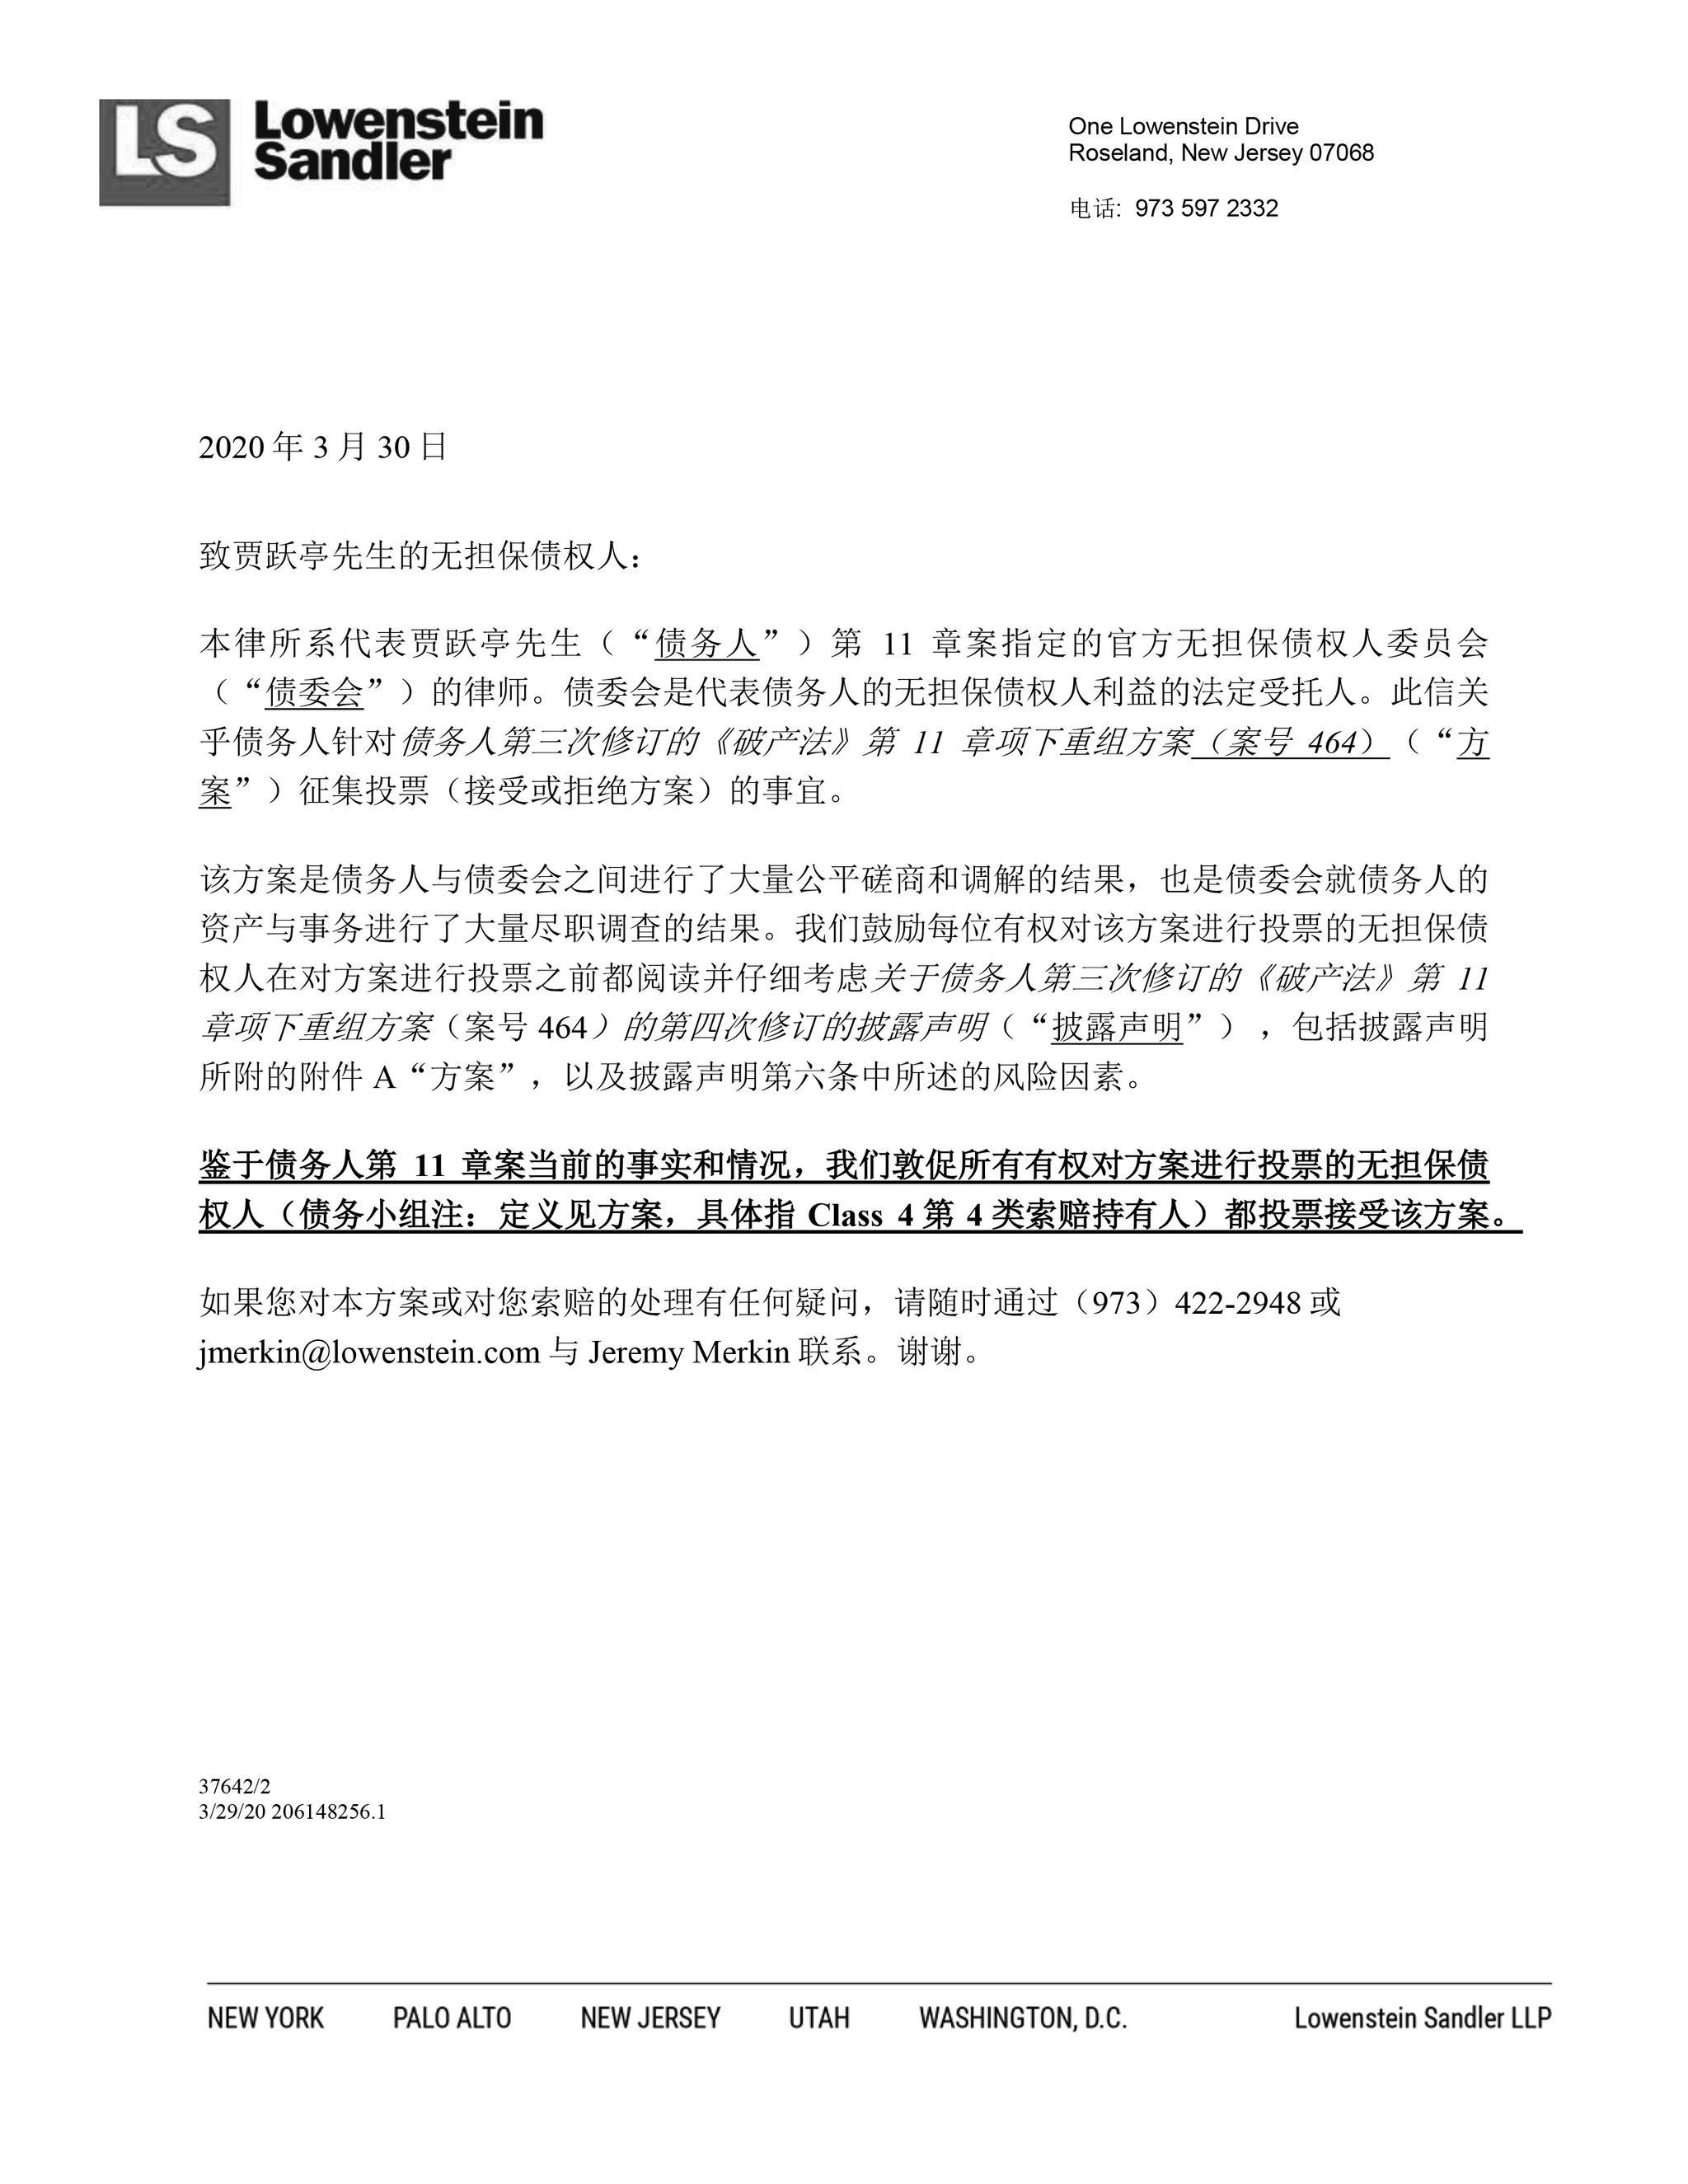 贾跃亭破产重组案开启债权人投票流程 预计三周内完成